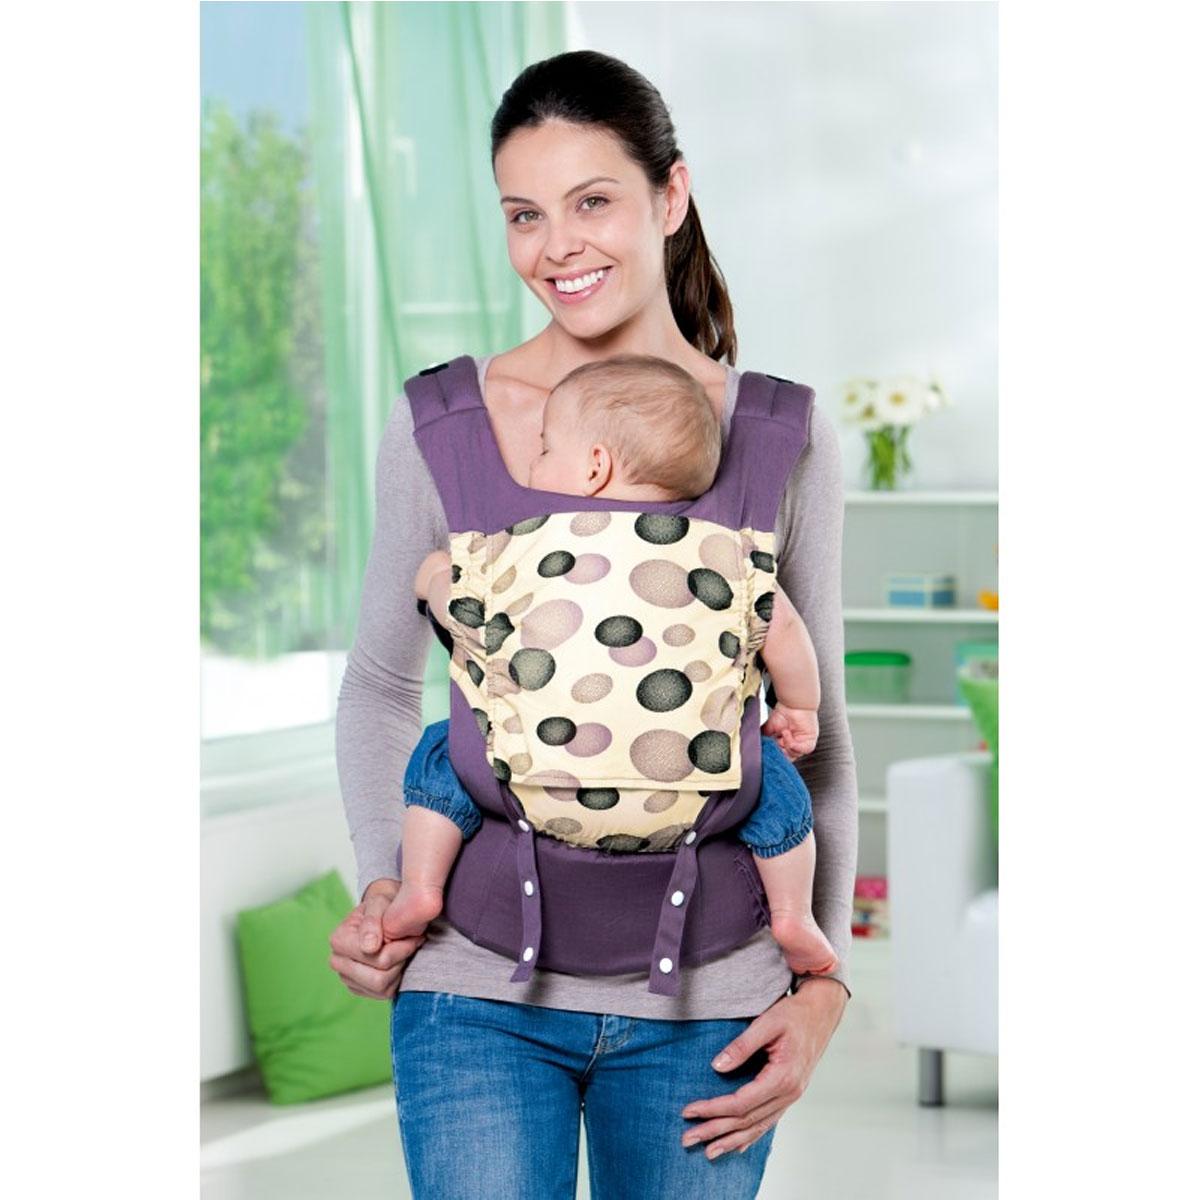 Μάρσιπος Smart carrier blueberry amazonas - Mommys Baby e7b7ceb918e